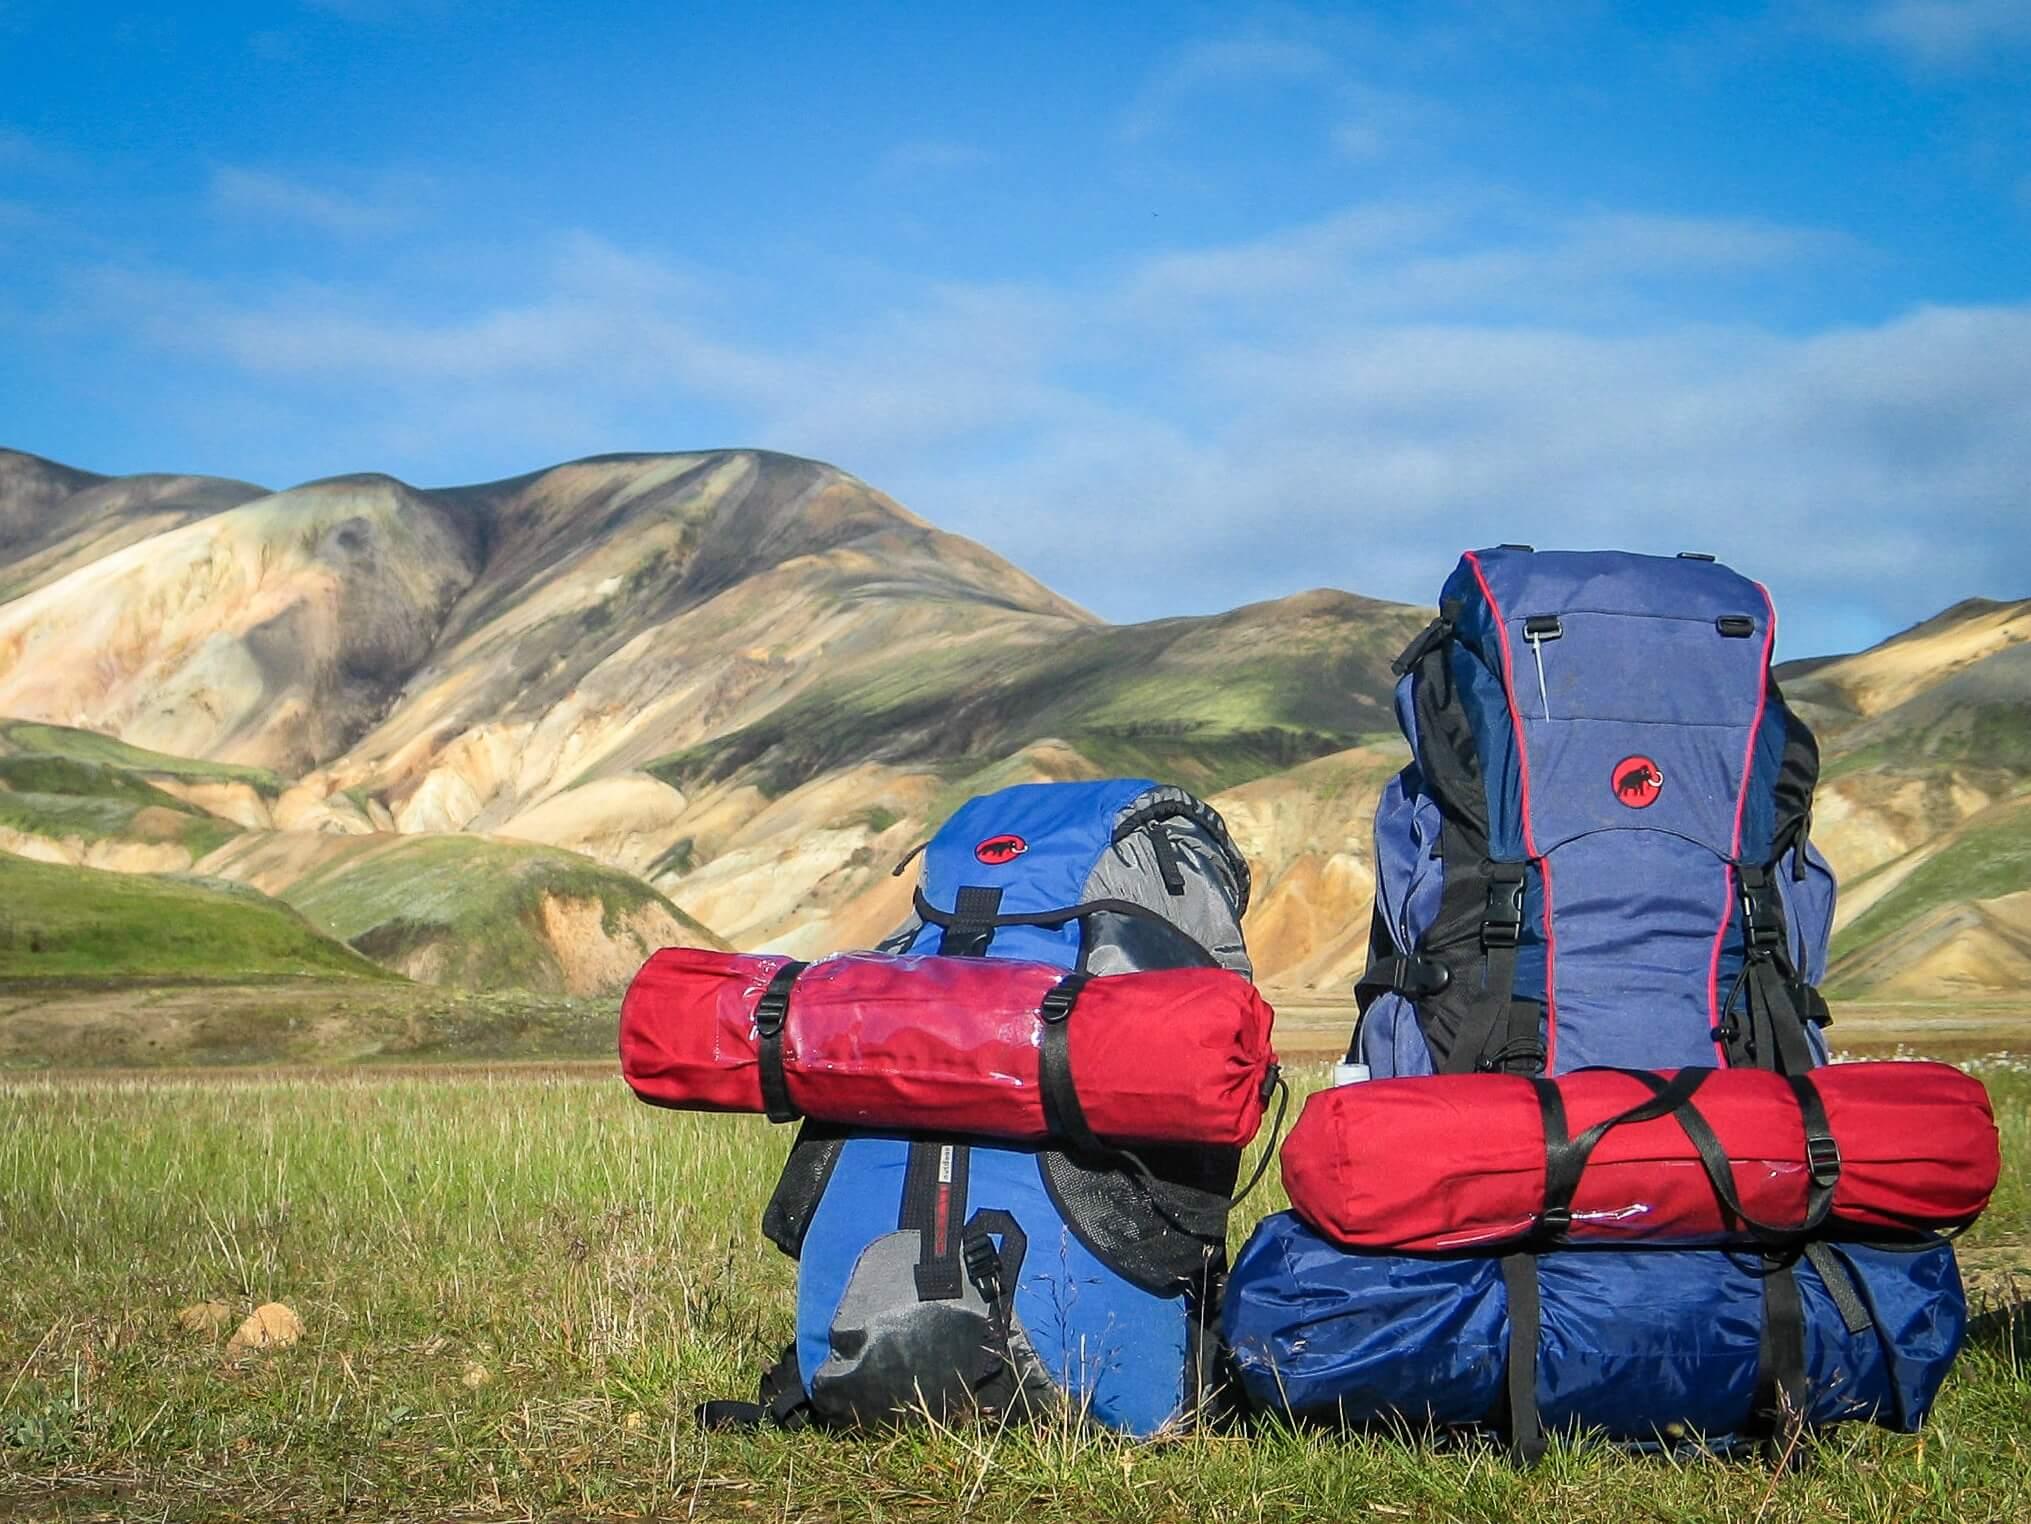 Vorbereitung deiner Volunteer-Reise: Wie packe ich meinen Backpack?